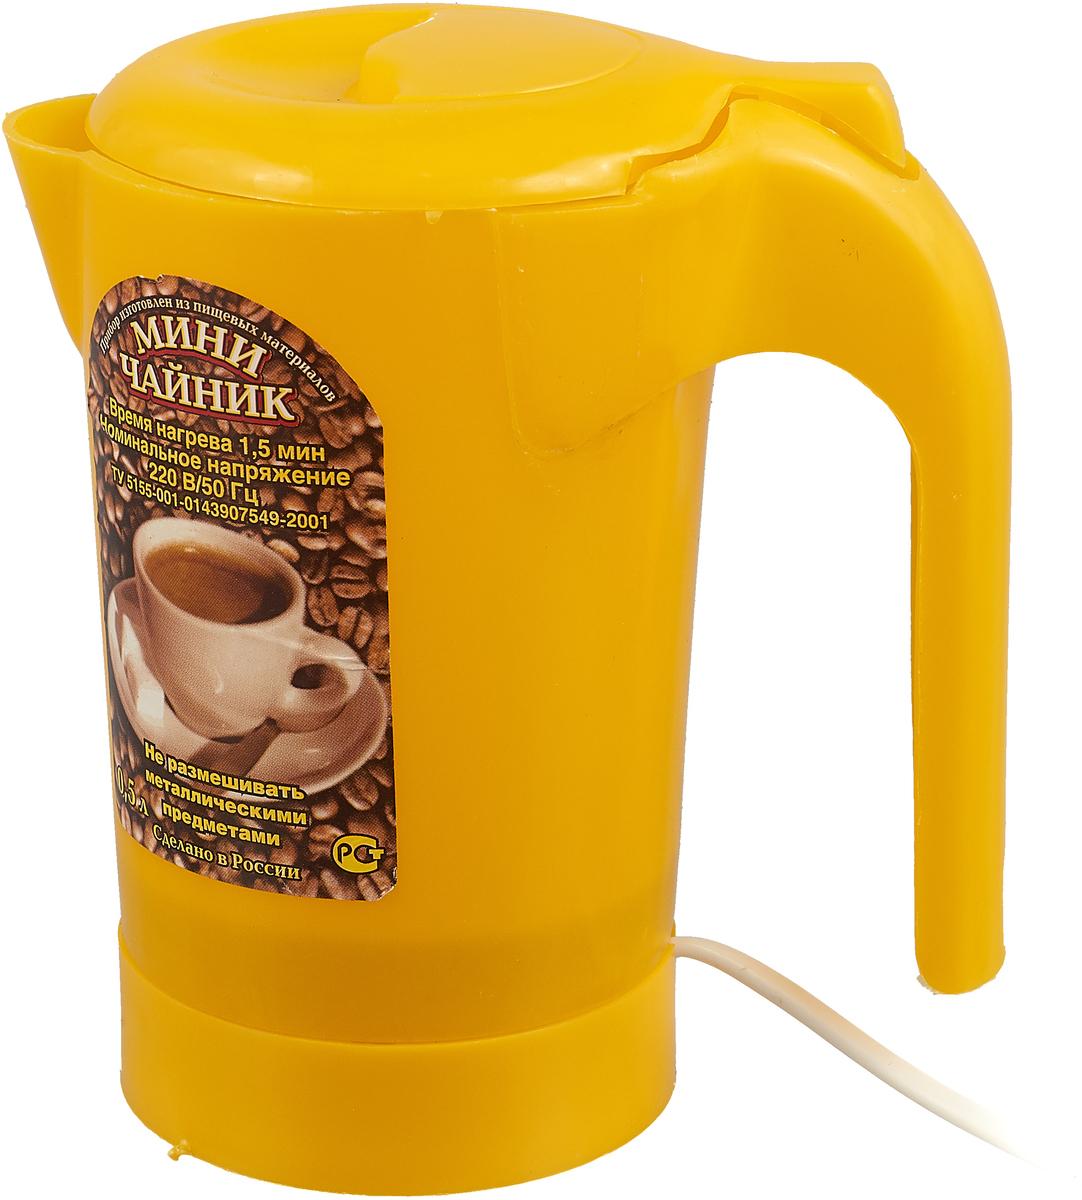 Электрический чайник Zimber ZM-1235, цвет: желтый